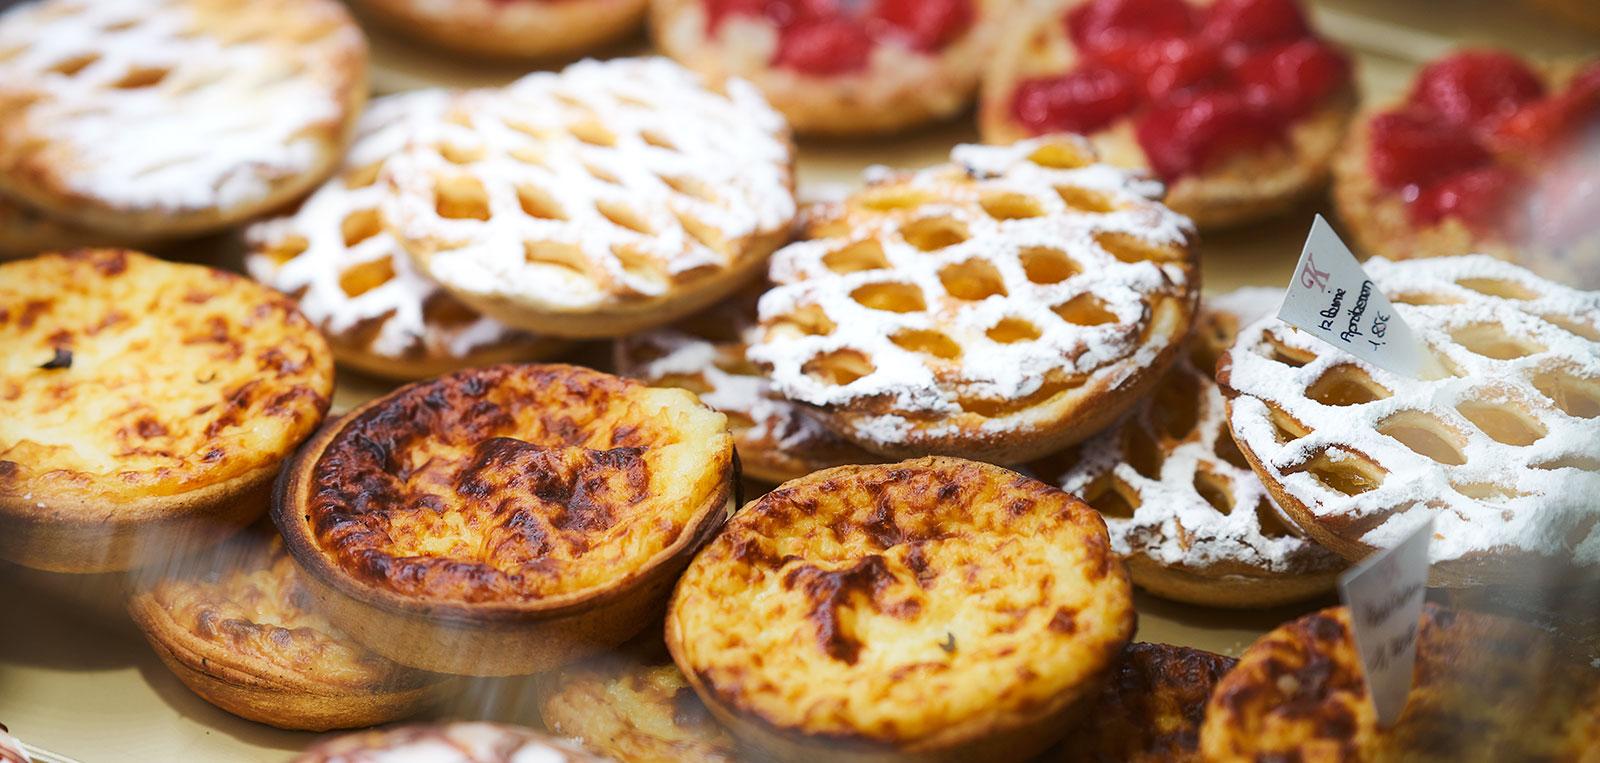 Ostbelgien - ein kulinarisches Erlebnis